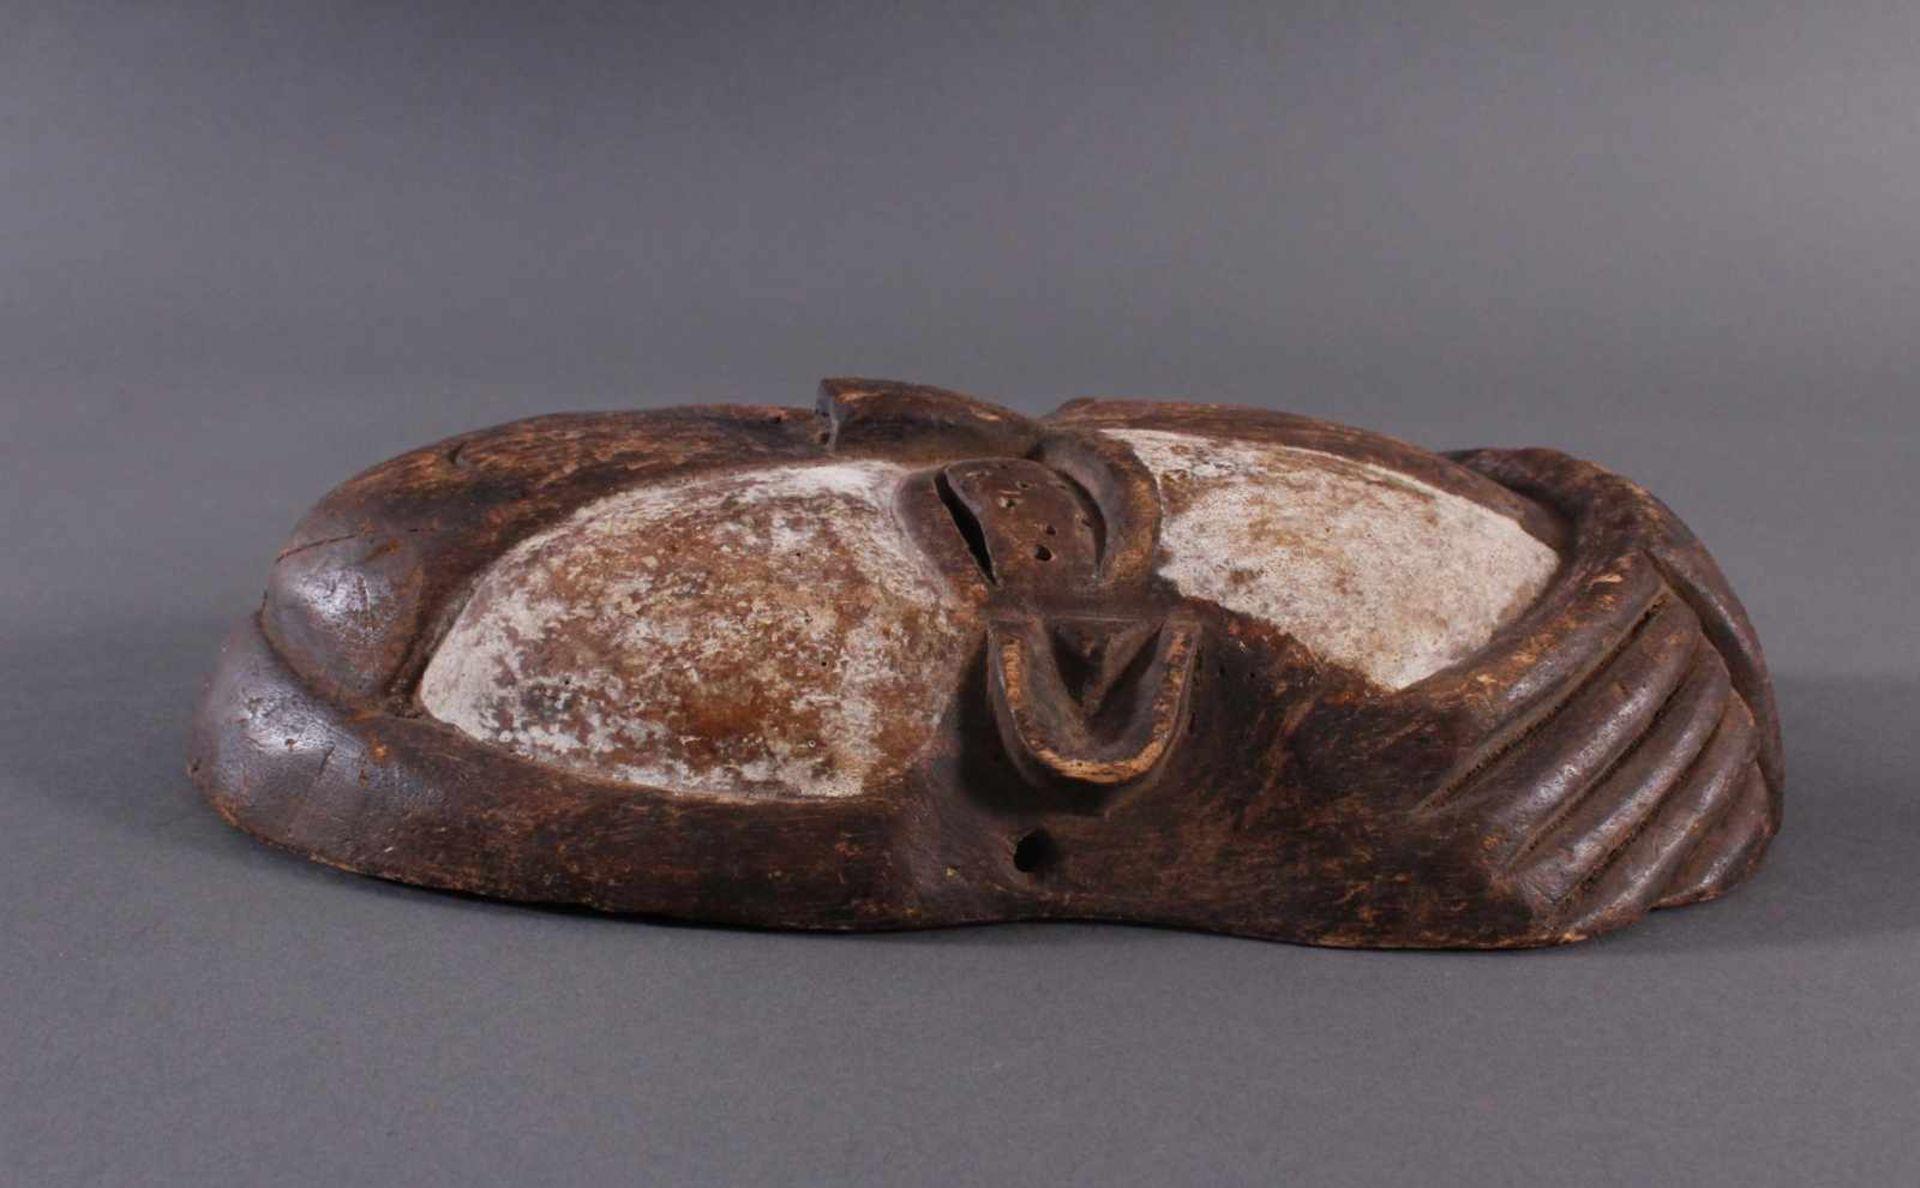 Antike Afrikanische Maske, 1. Hälfte 20. Jh.Holz geschnitzt und farbig gefaßt, durchbrochene - Bild 5 aus 6